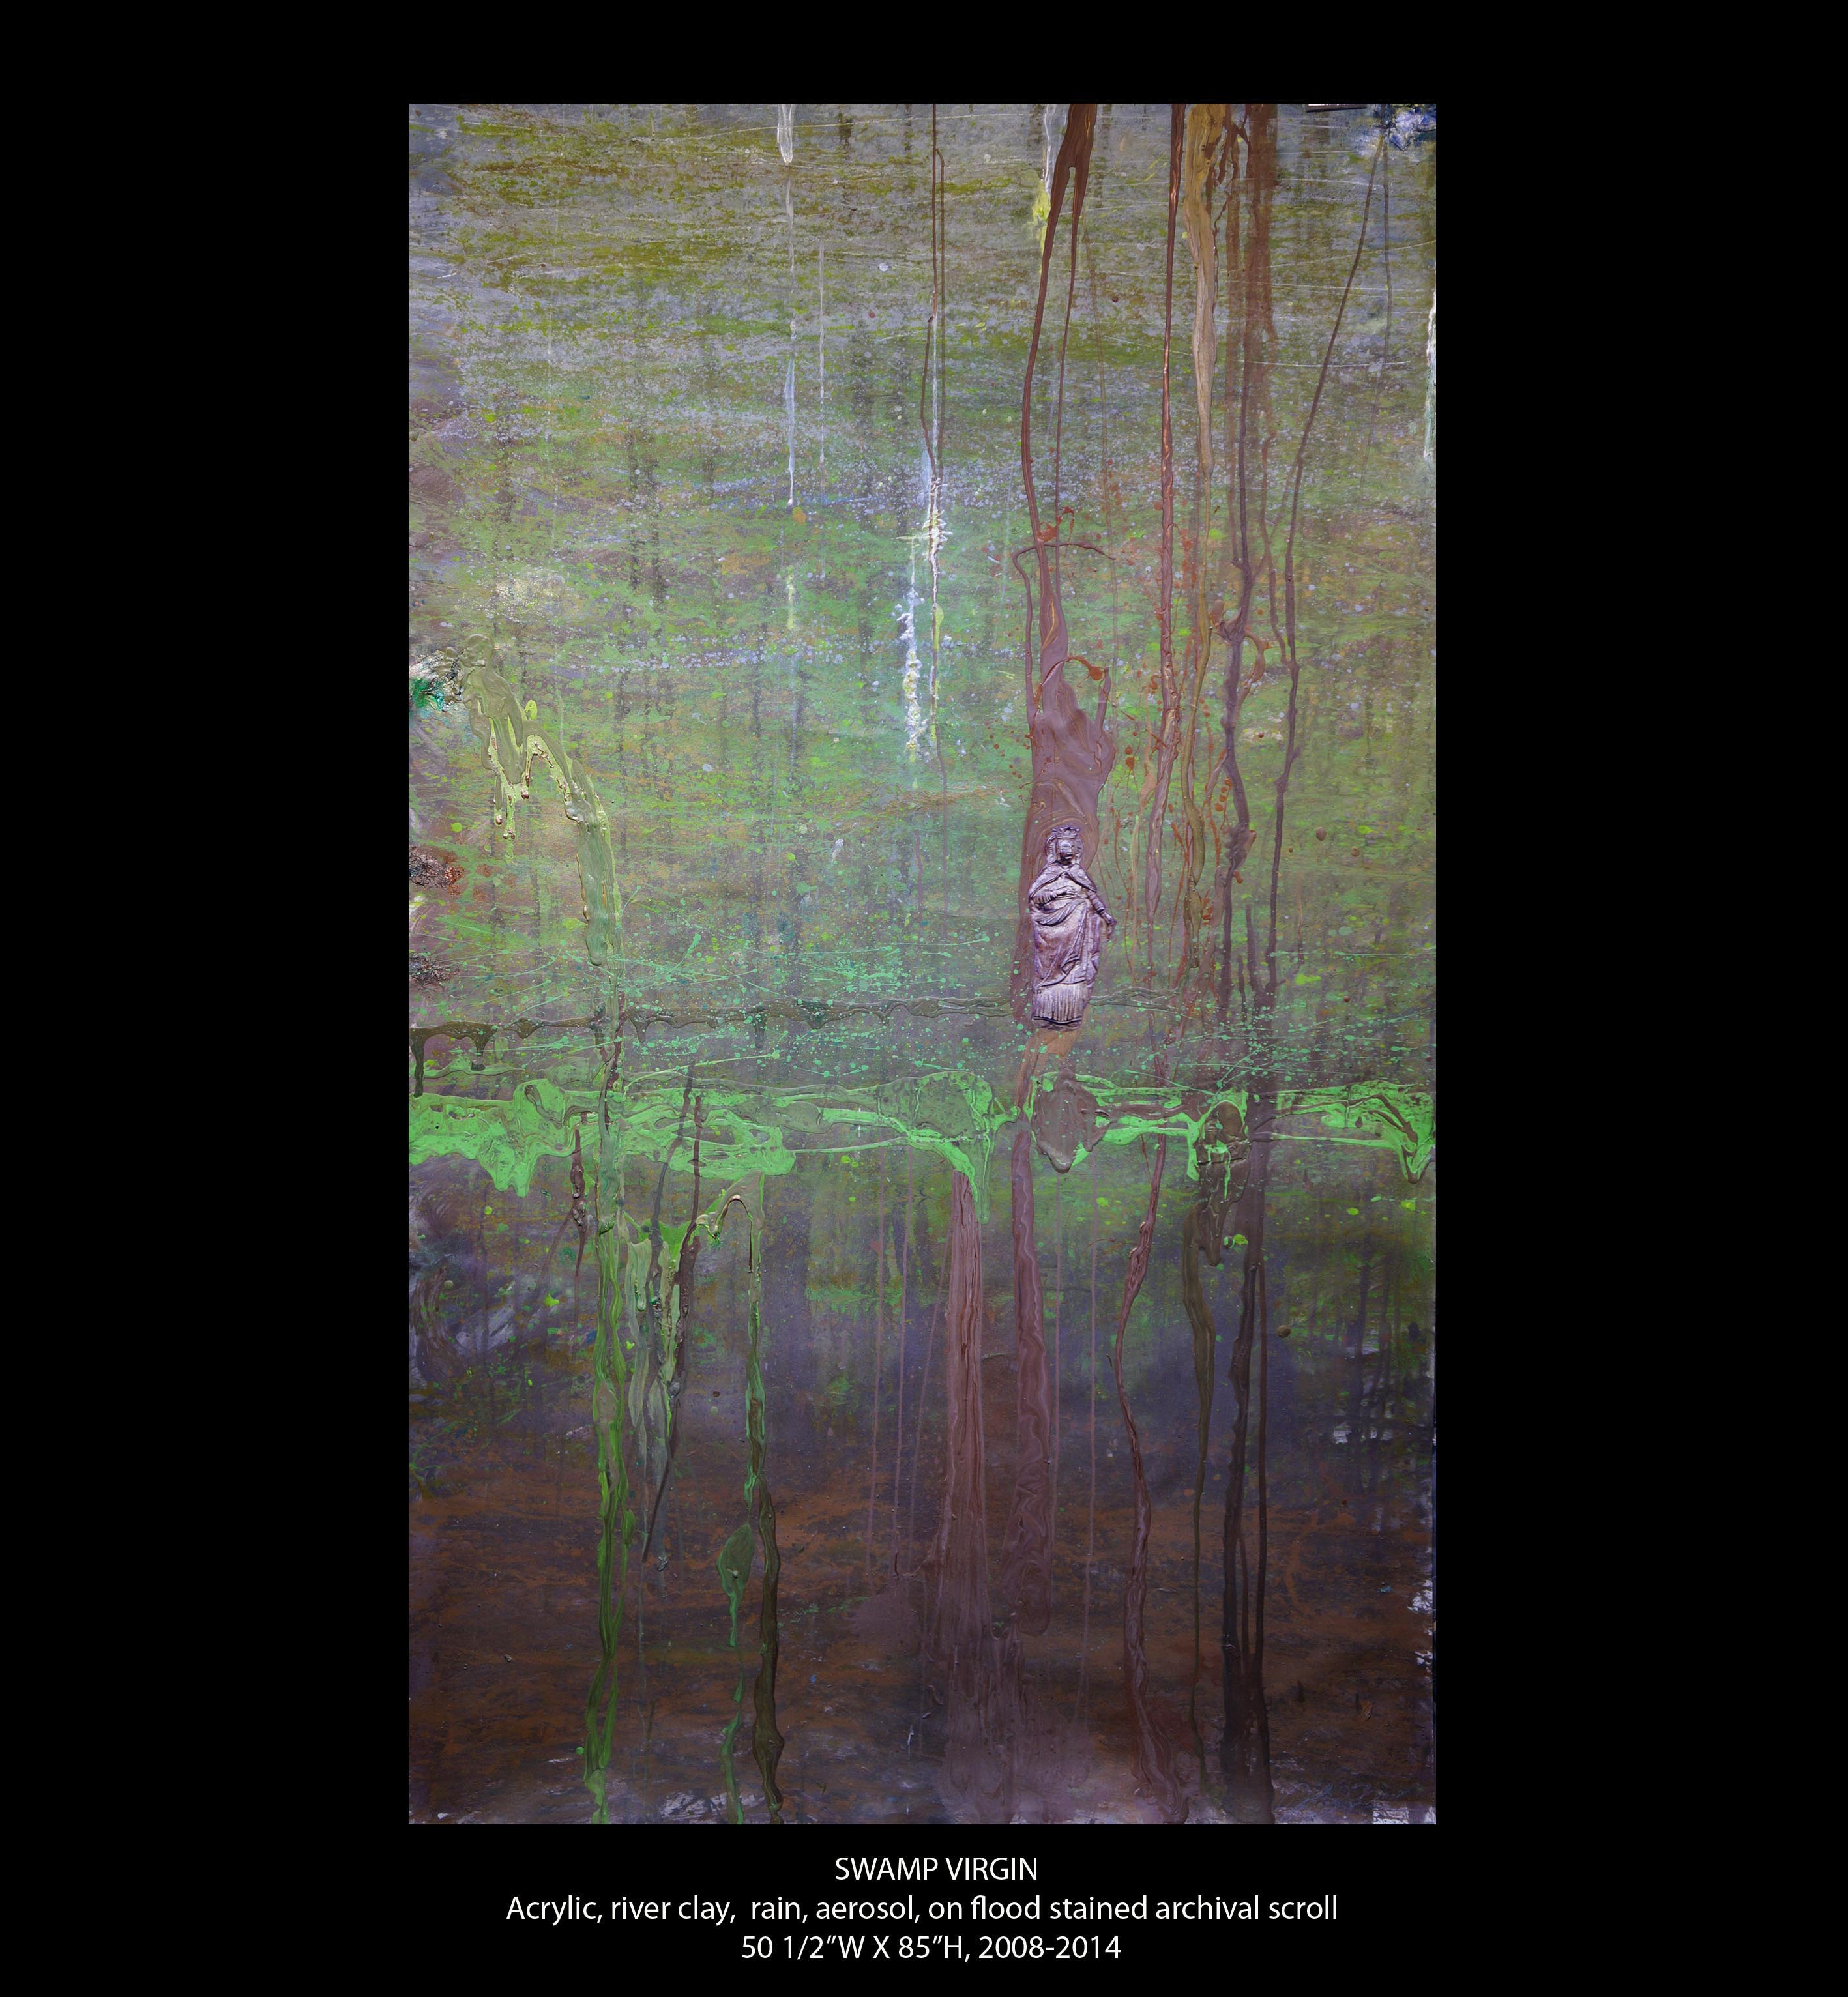 2.SwampVirginBBdr 0155